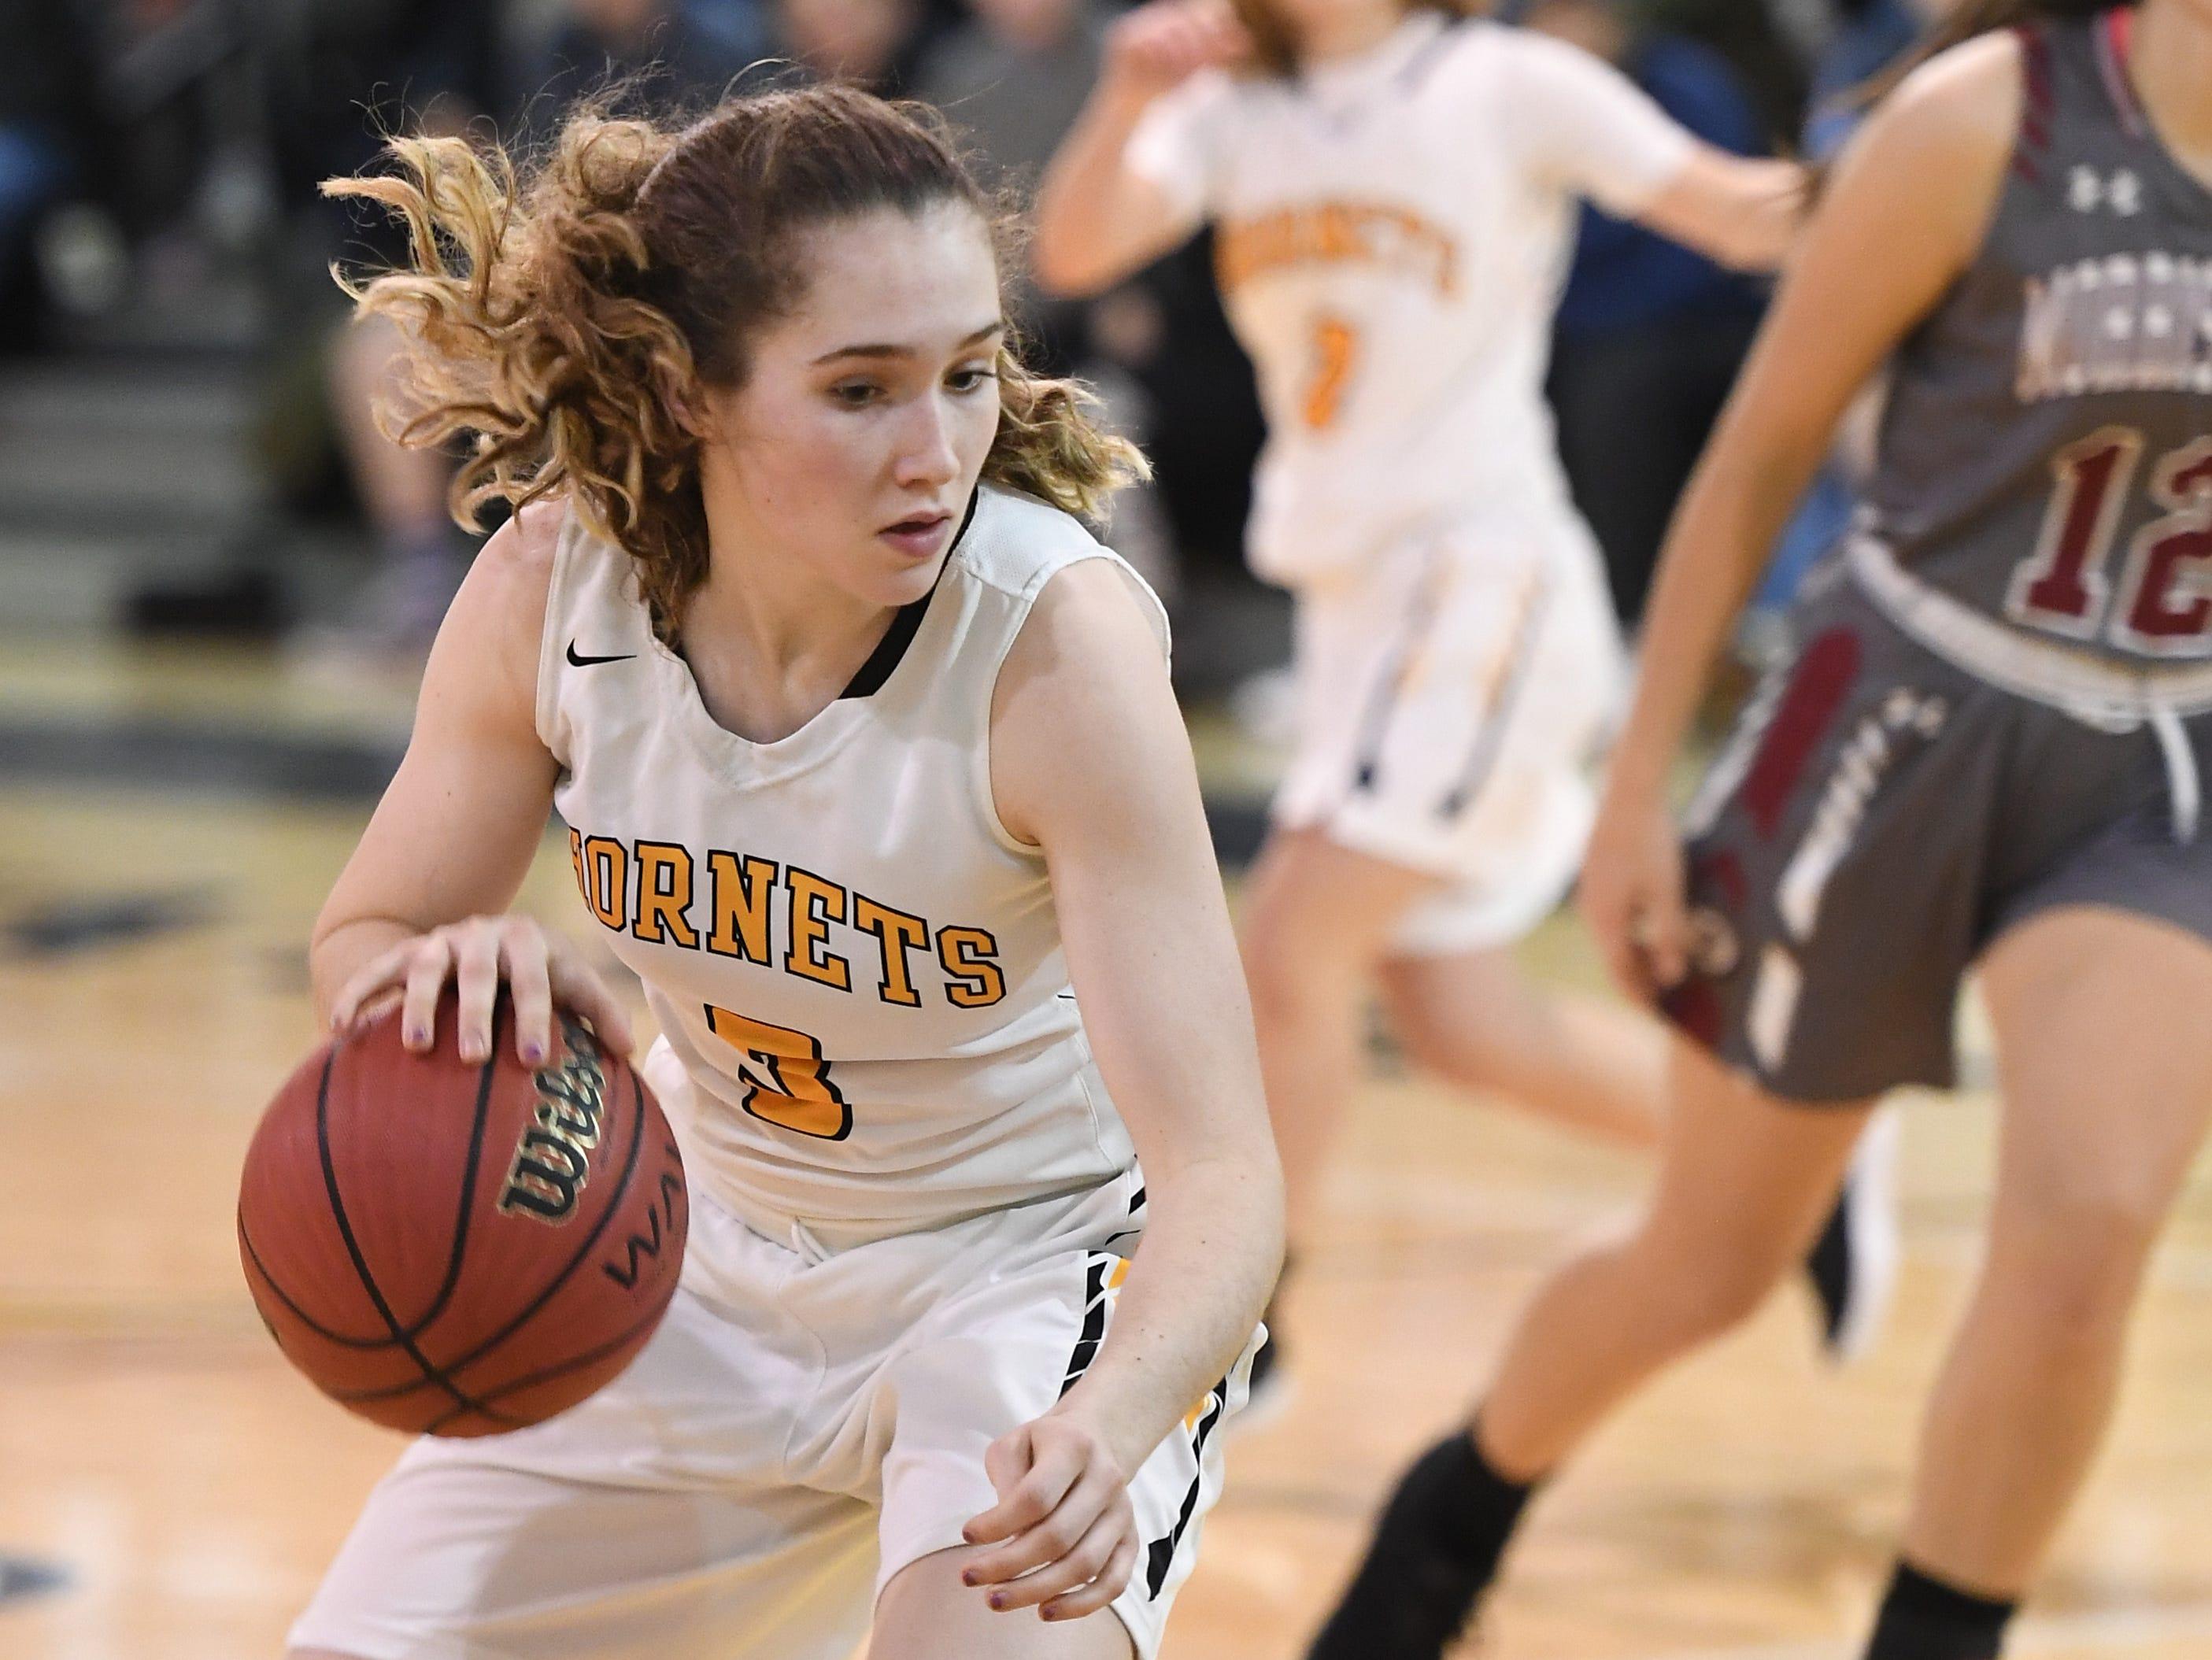 Morristown-Beard girls basketball at Hanover Park on Friday, January 4, 2019. HP #3 Kelsey Stites.